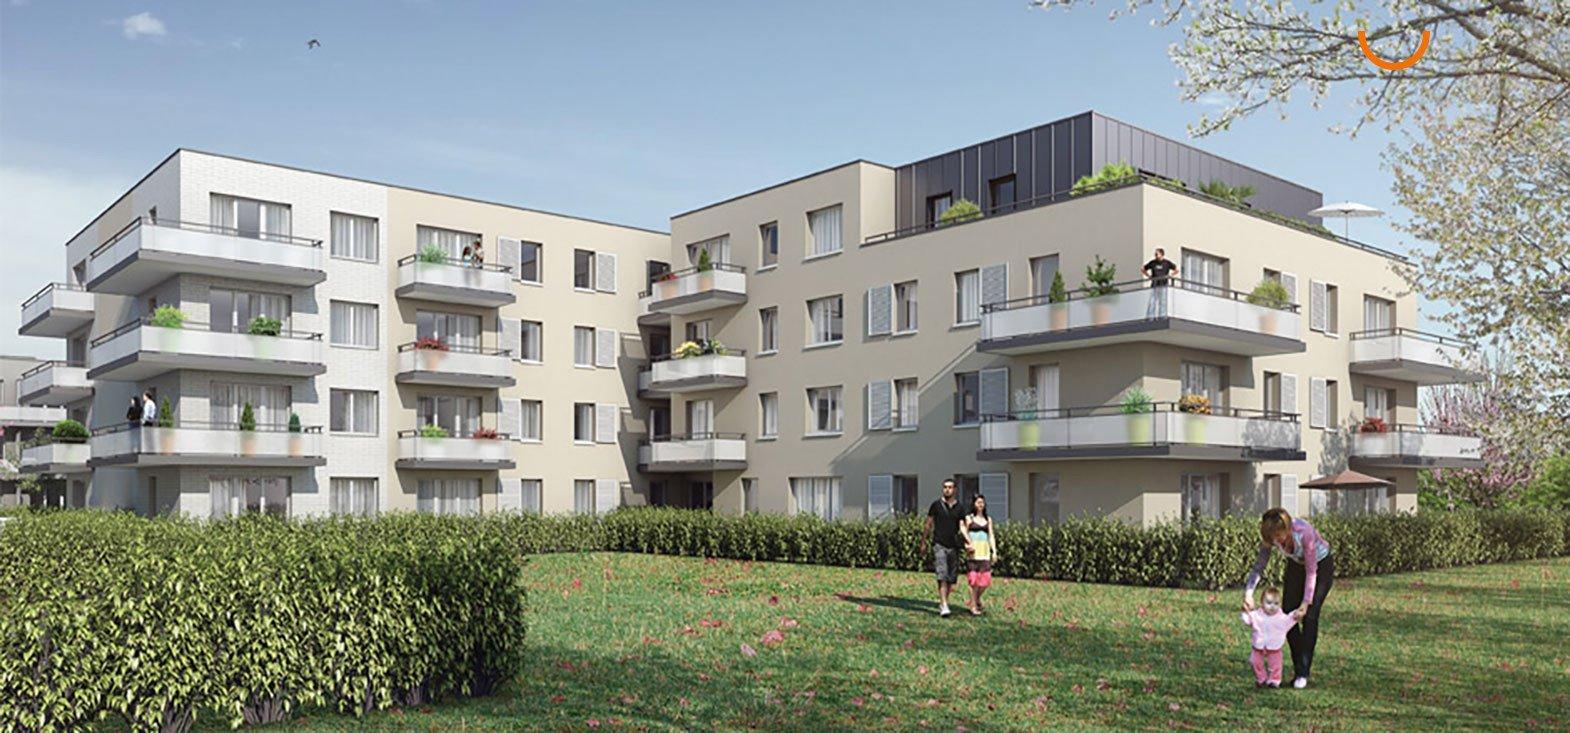 Appartement T2 avec balcon ST-LEGER-DU-BOURG-DENIS